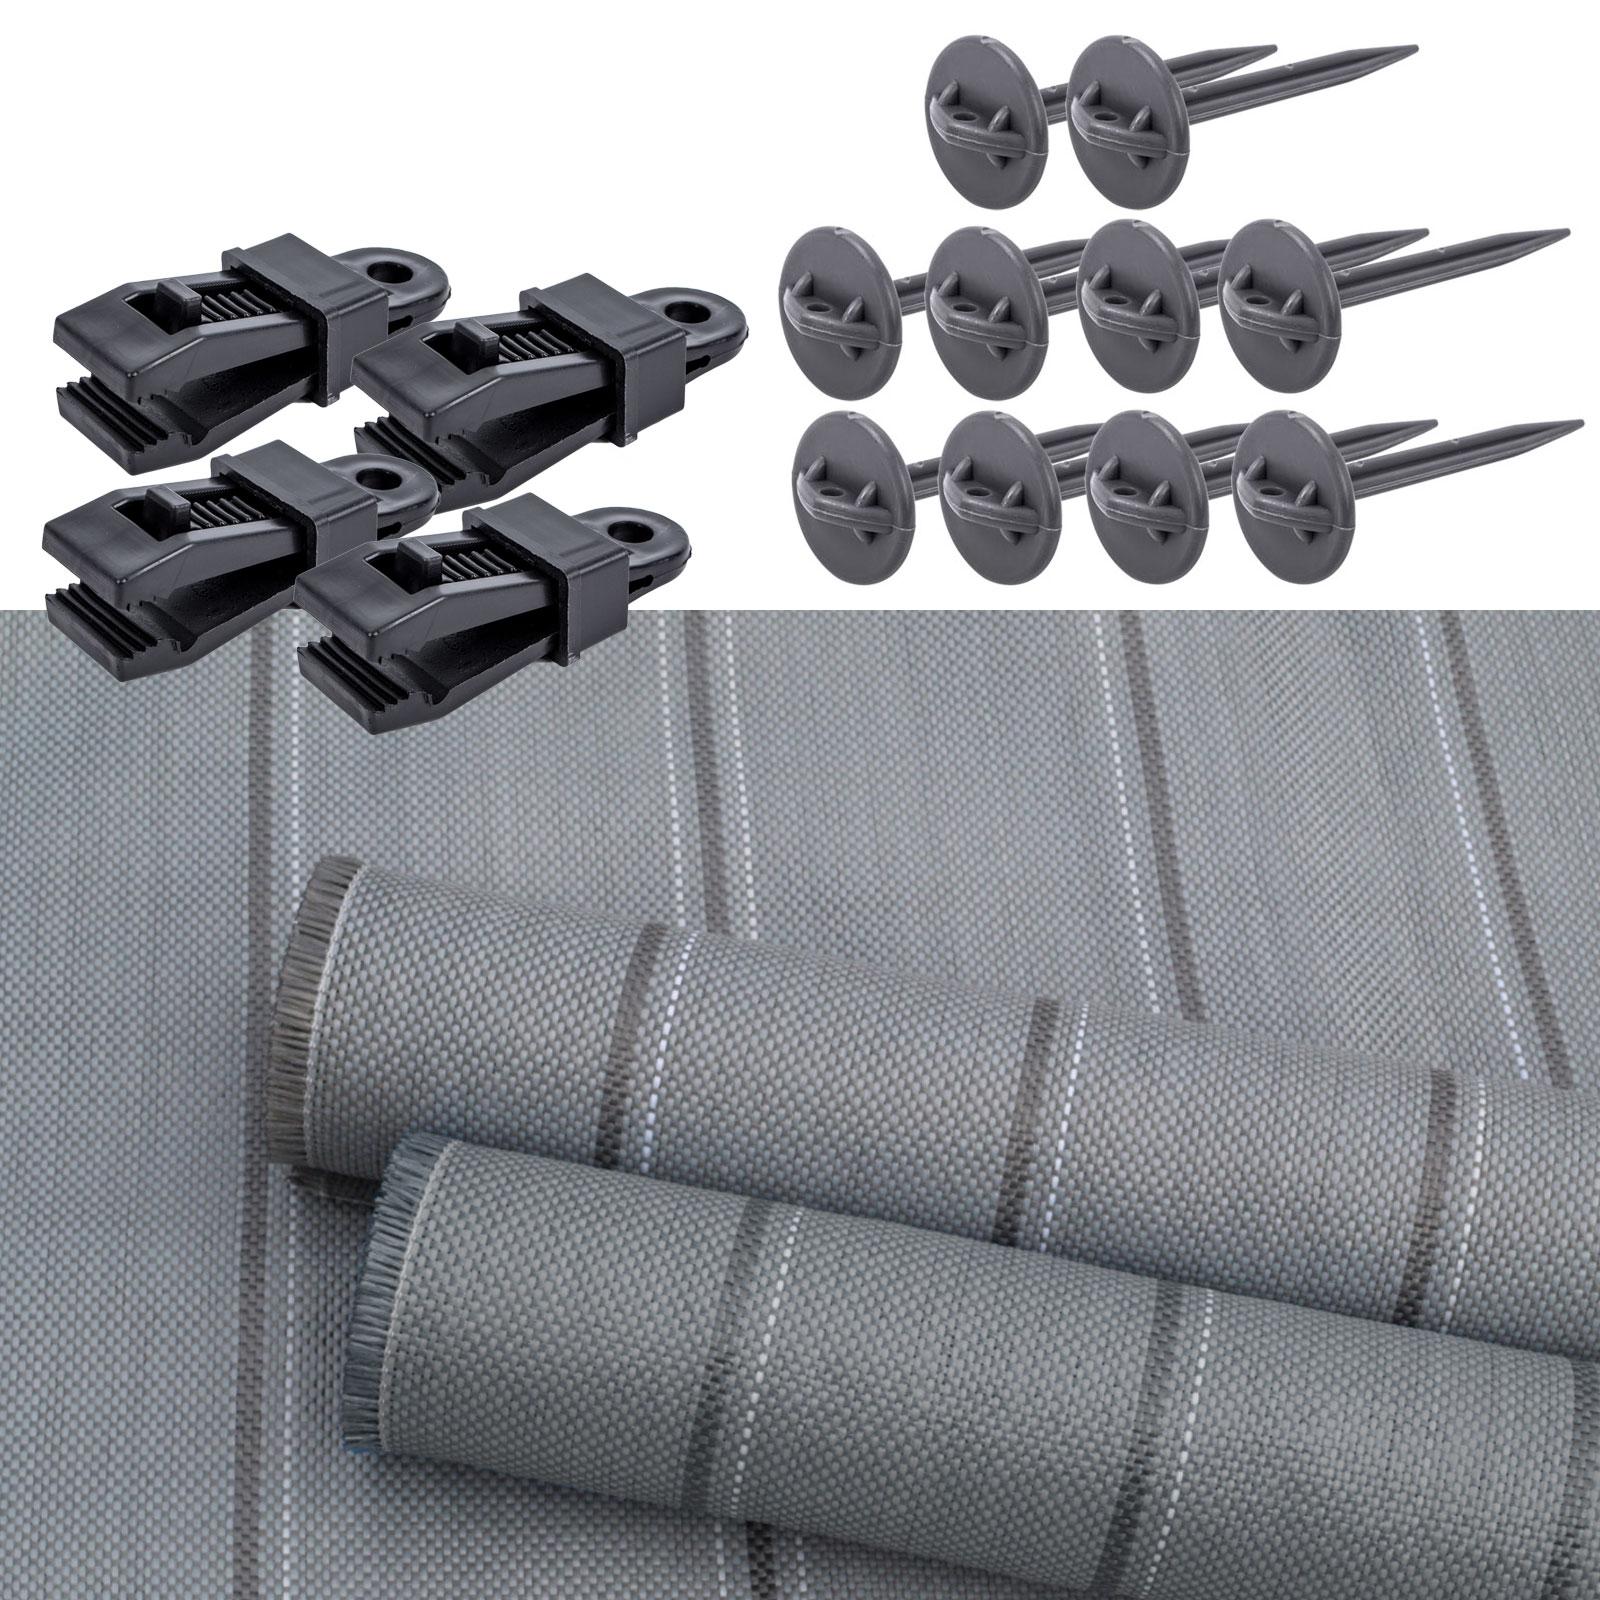 Arisol Vorzeltteppich grau Set + Teppichclips & Zeltheringe 2,5x6m